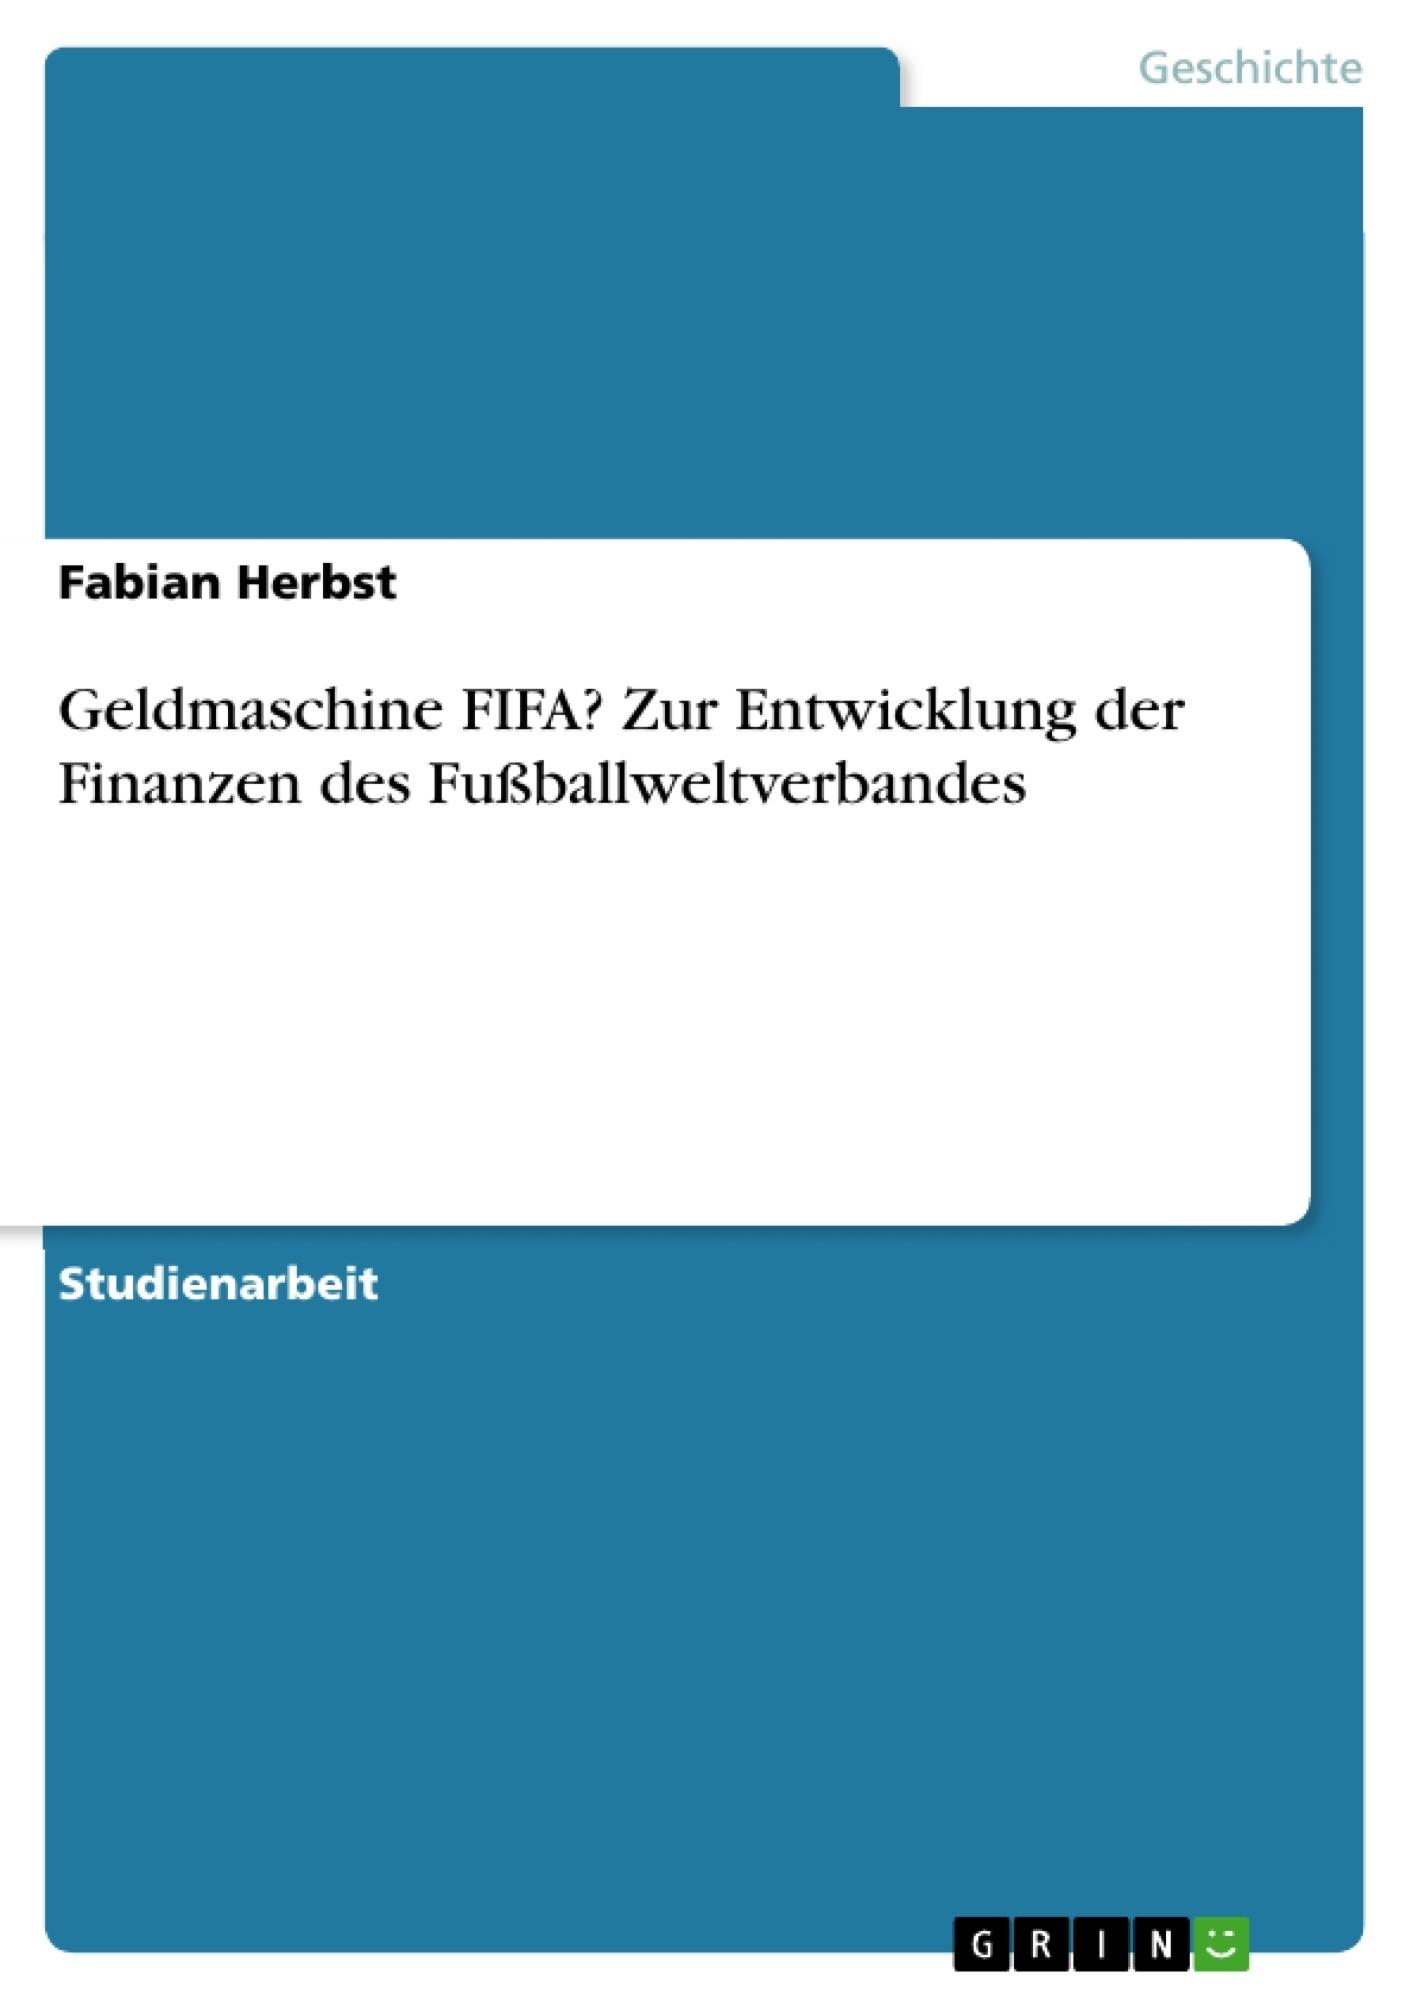 Titel: Geldmaschine FIFA? Zur Entwicklung der Finanzen des Fußballweltverbandes